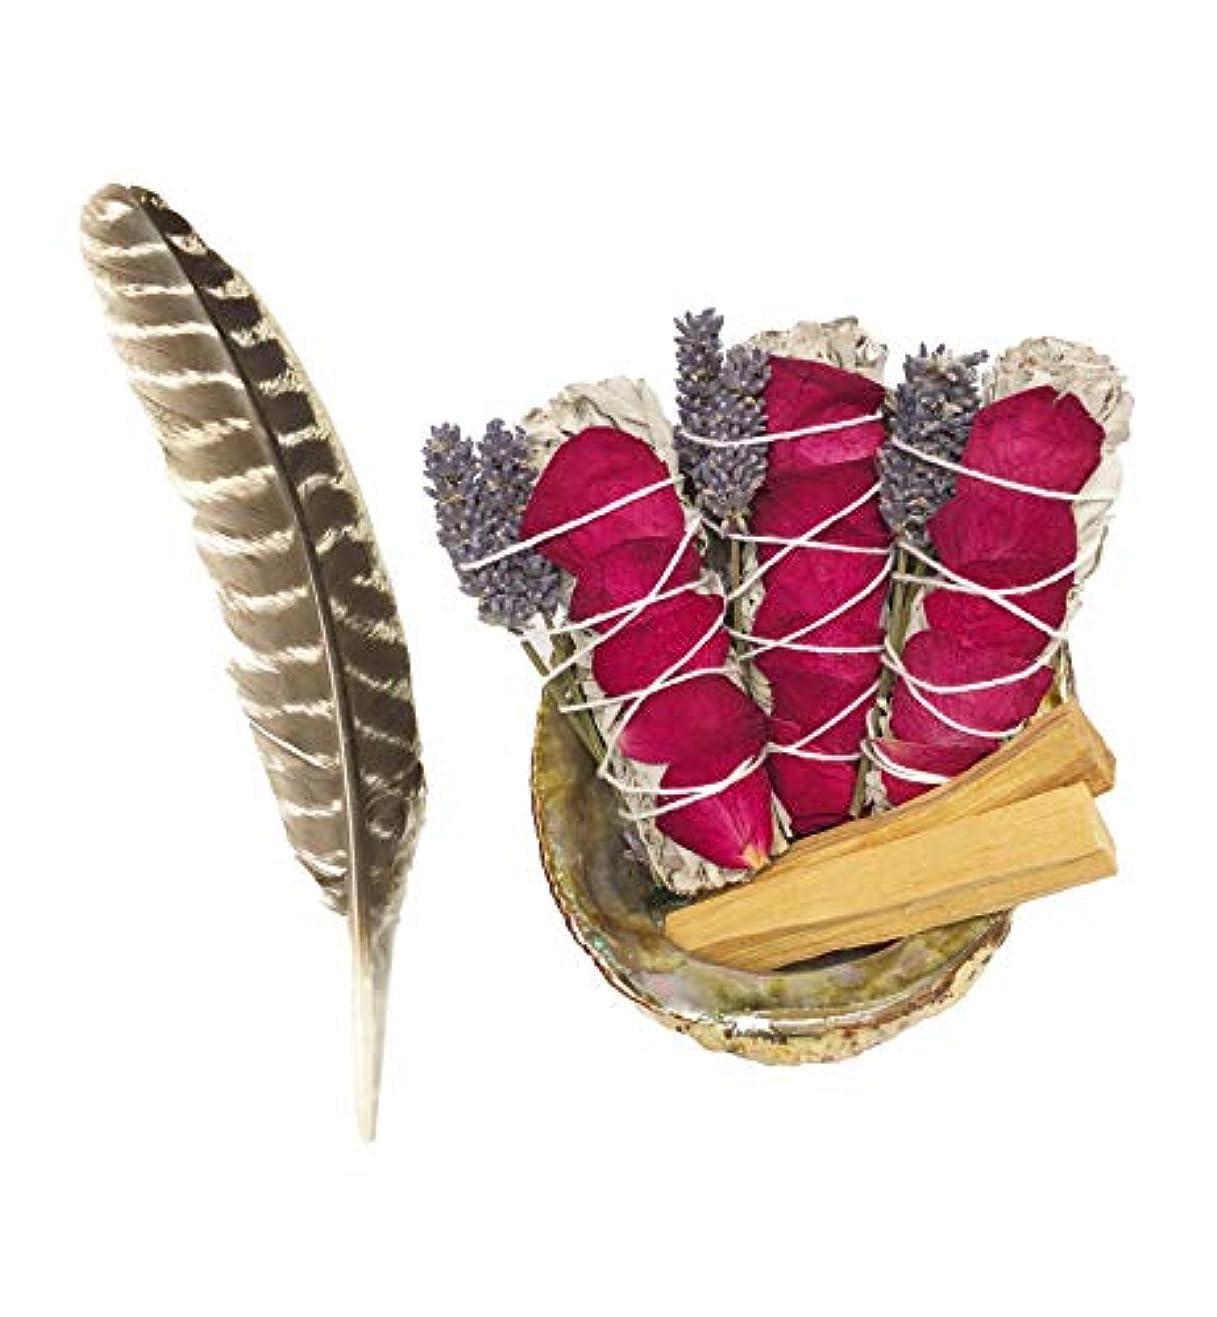 原理リズム給料ホワイトセージスマッジキット – ホワイトセージ6本、パロサント2本、フェザー、キャンドル2本、手作りフクロウバスケット (大型1個とミニ2個) 癒し、浄化、瞑想、香り、浄化。